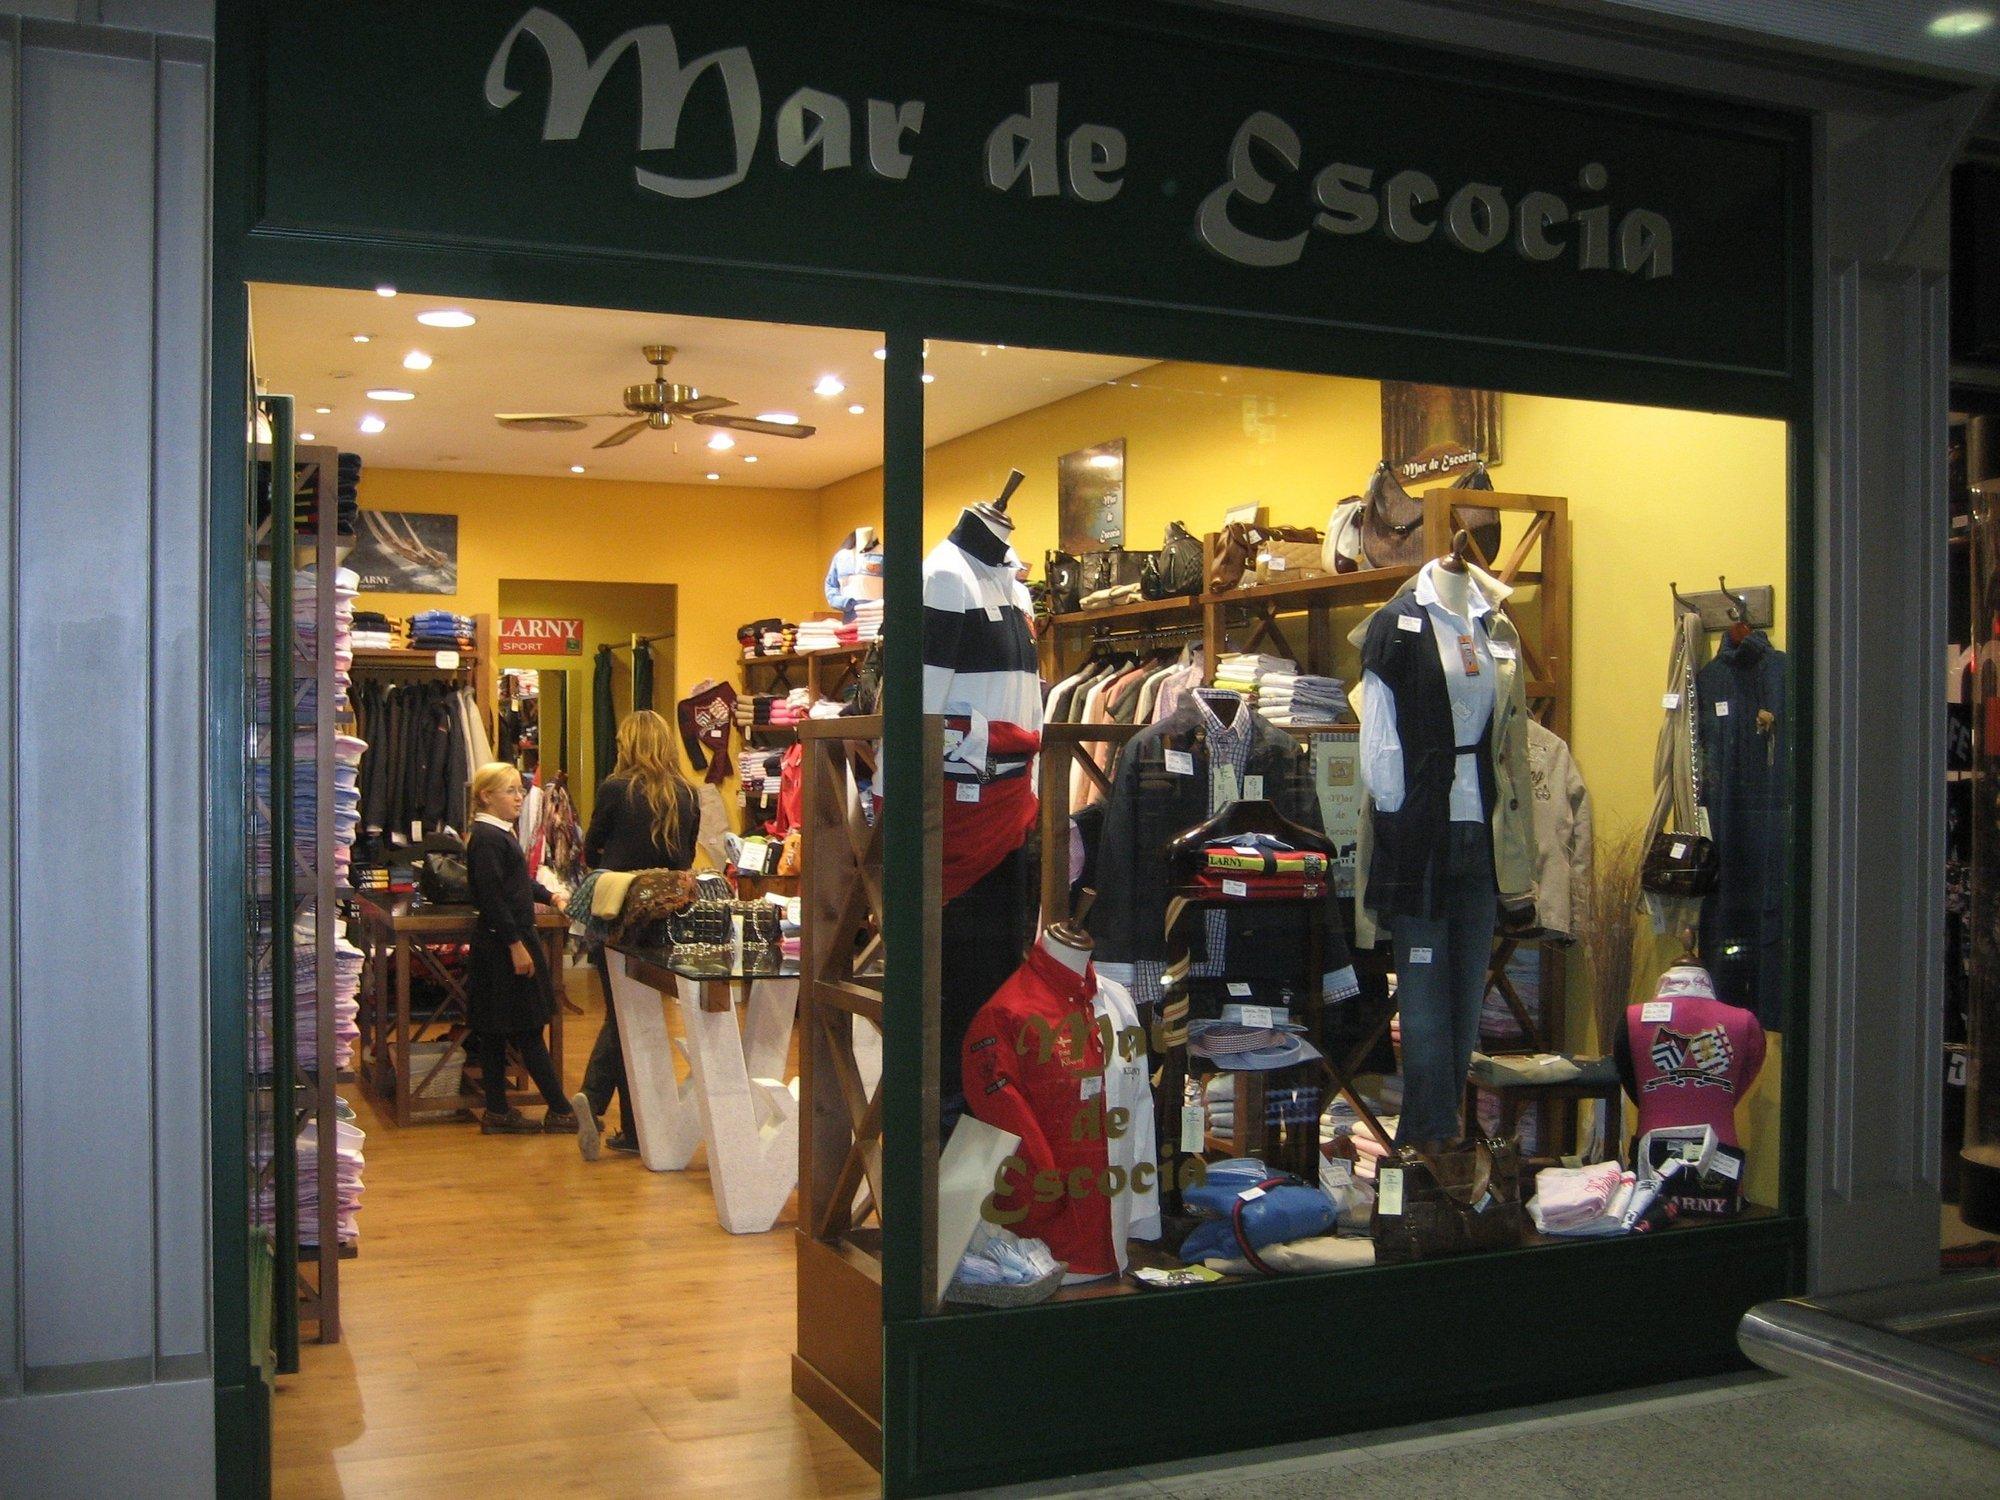 Una empresa vallisoletana distribuye 400 polos diarios de corte británico en tiendas de España y Portugal